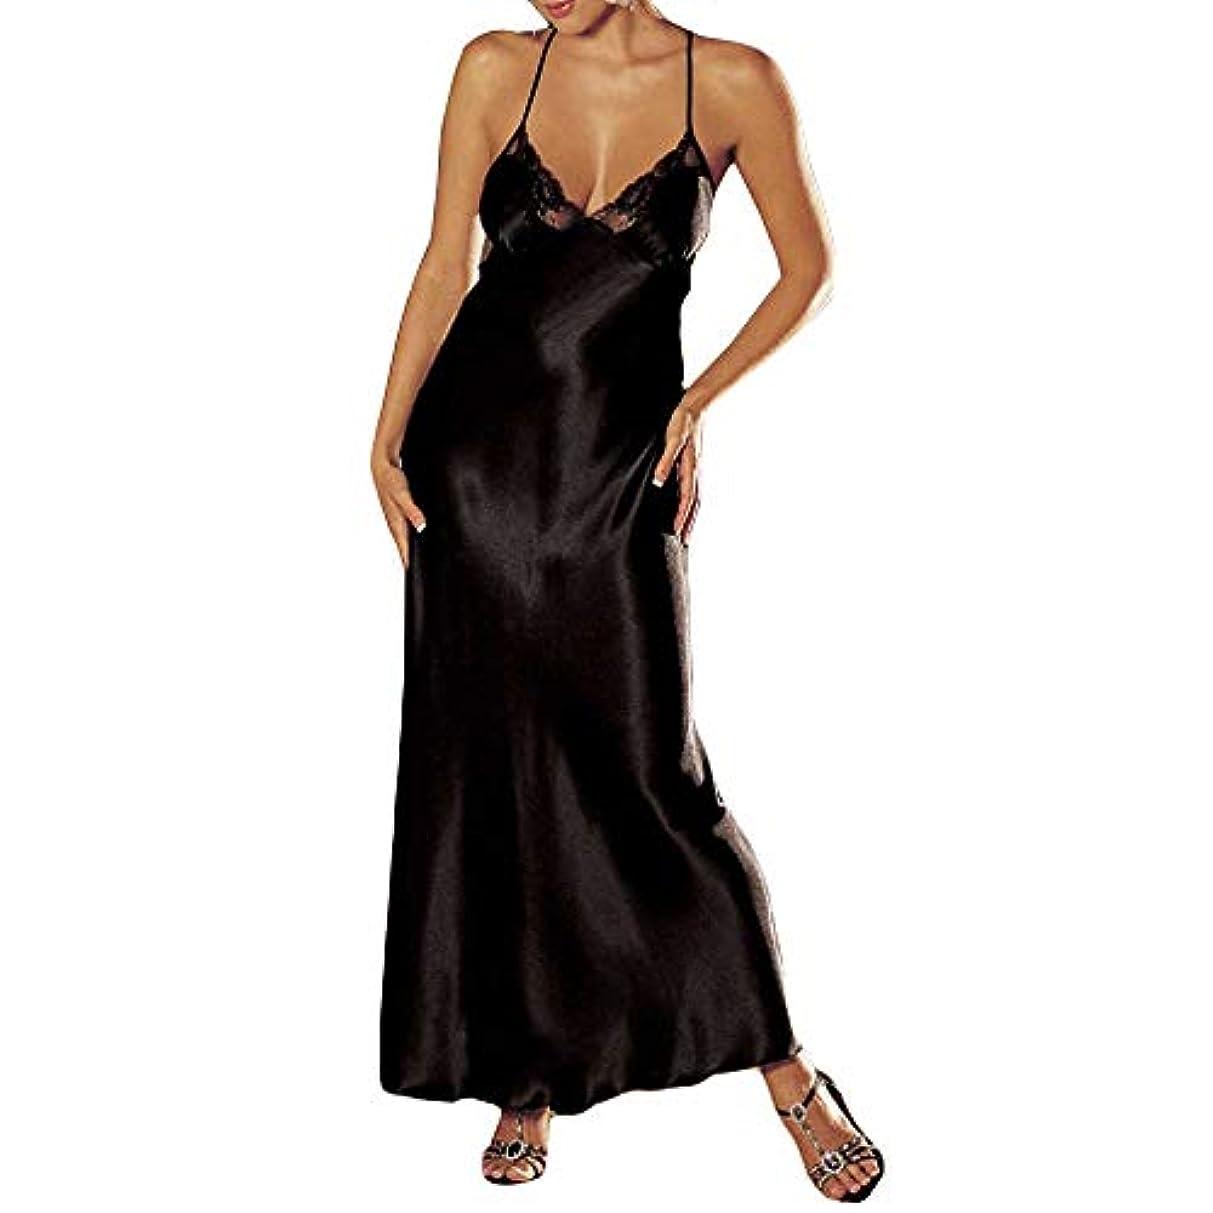 気味の悪い販売員特に吊りドレス liqiuxiang ウーマン 快適 柔らかい ロングスカート 女性 エレガント 着心地 通気性抜群 パジャマ レディース 上下 花柄 ノースリーブ 高級 襦袢